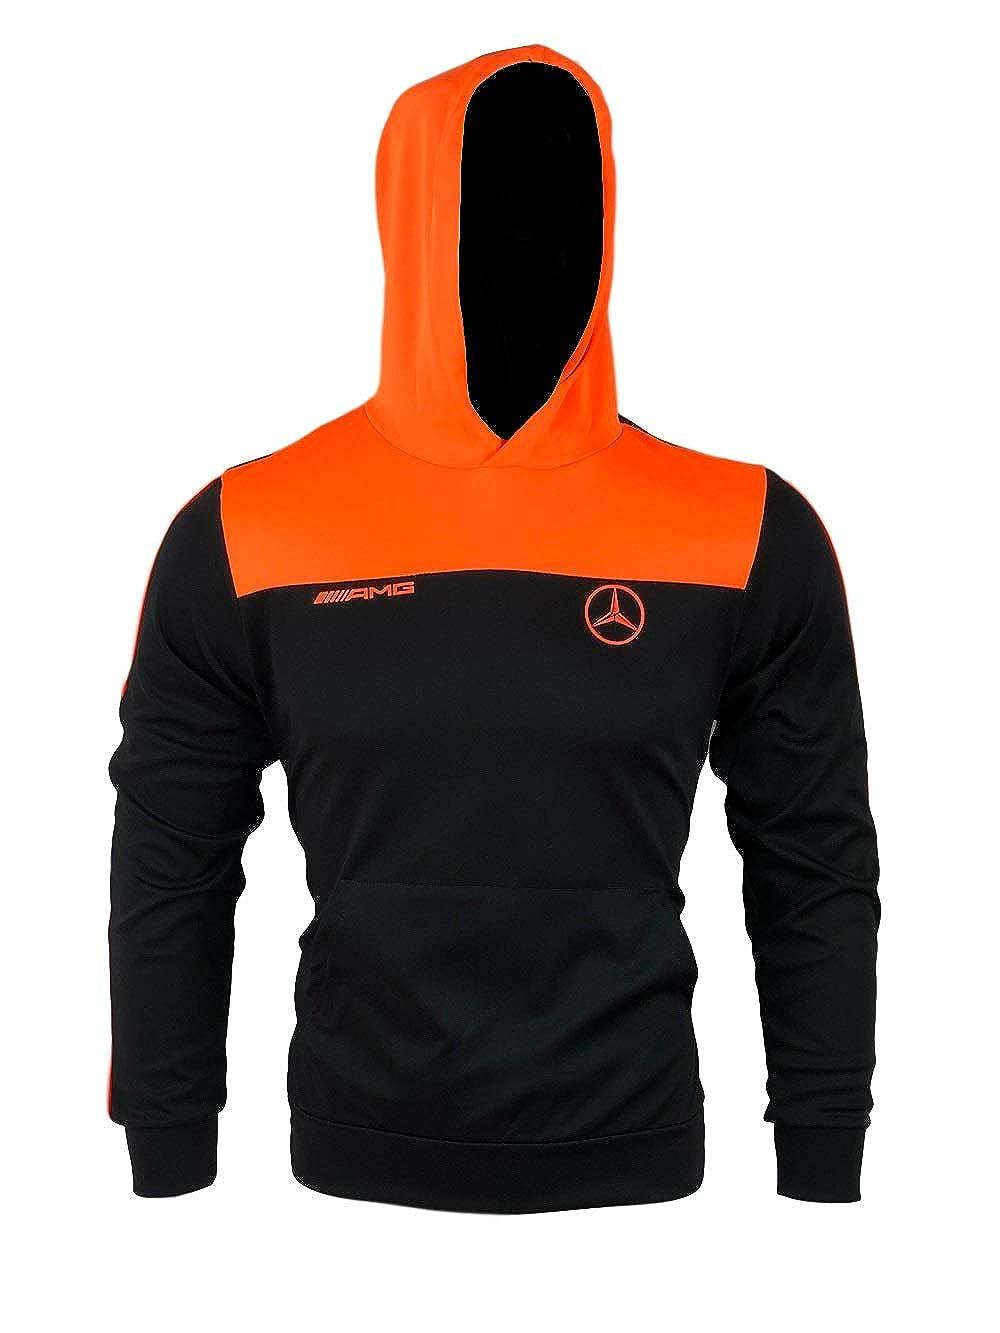 Furia Rossa Nouveaut/é Ensemble surv/êtement Court /ét/é Homme Mercedes Noir Orange Fluo 91279